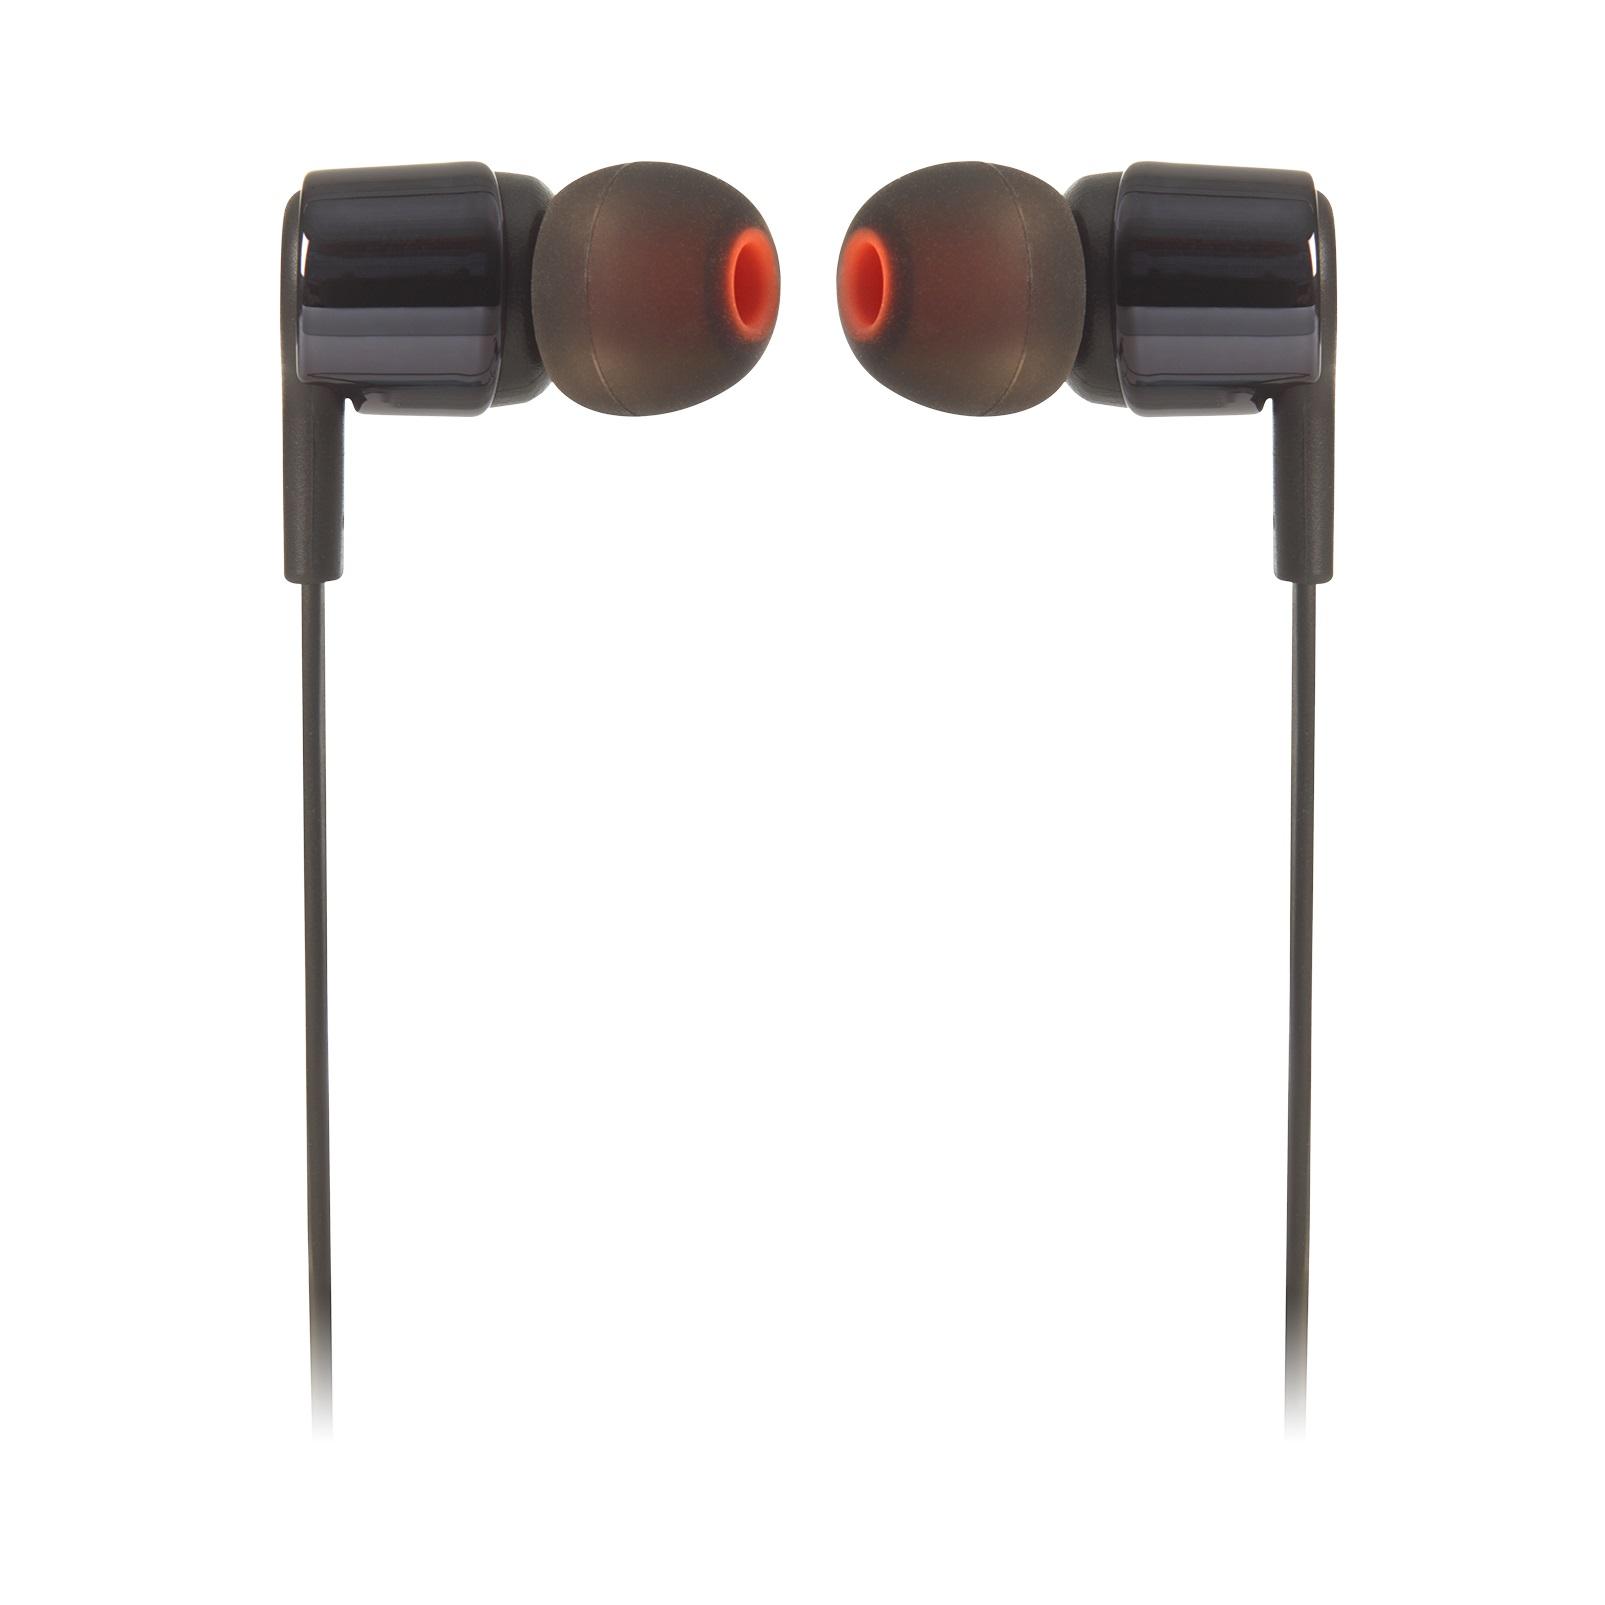 JBL-T210-In-Ear-Wired-Headphone-Earphones-Metallic-Finish thumbnail 4